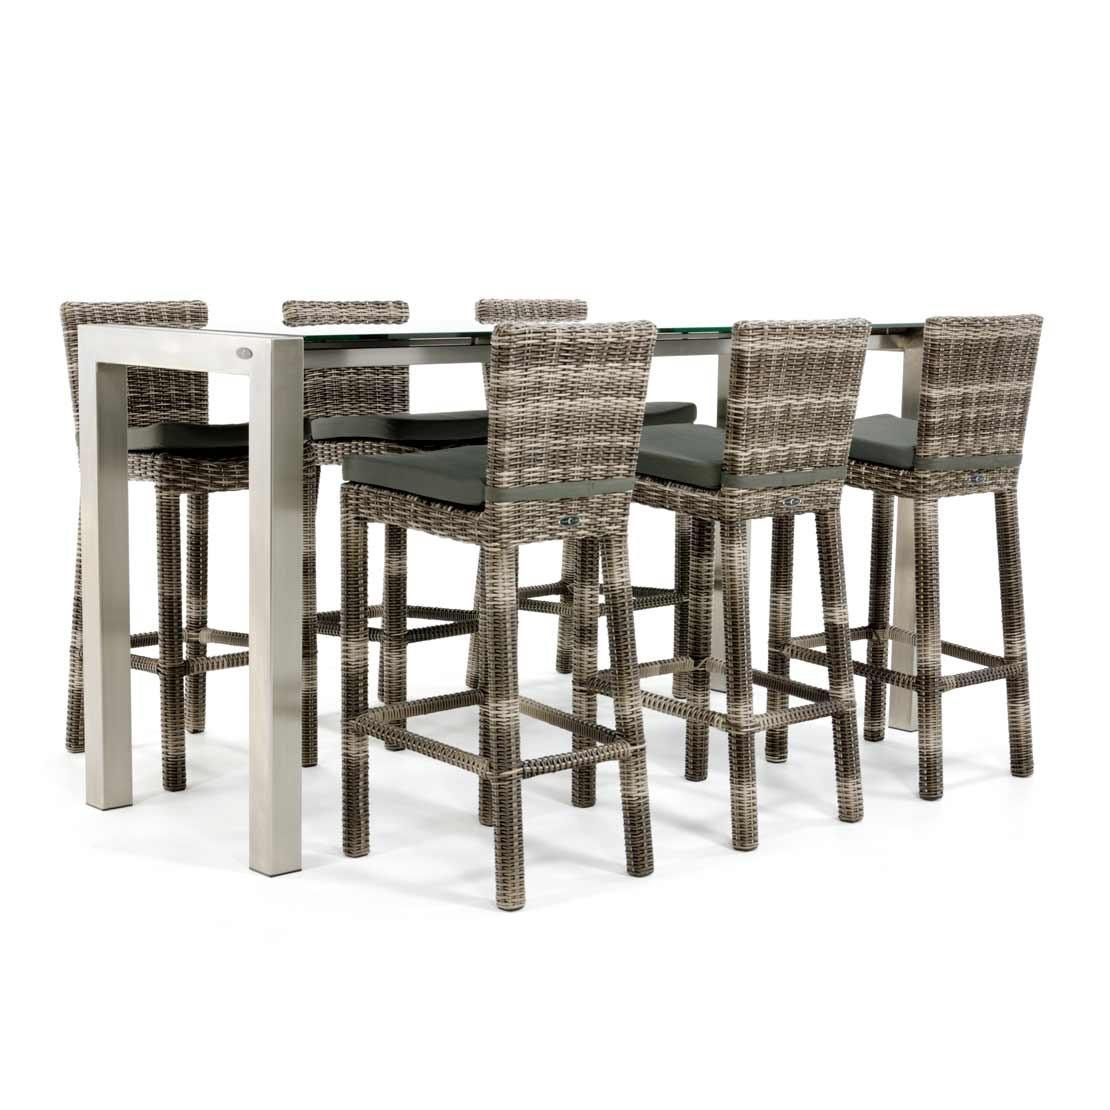 RVS bartafel met glazen tafelblad en wicker stoelen